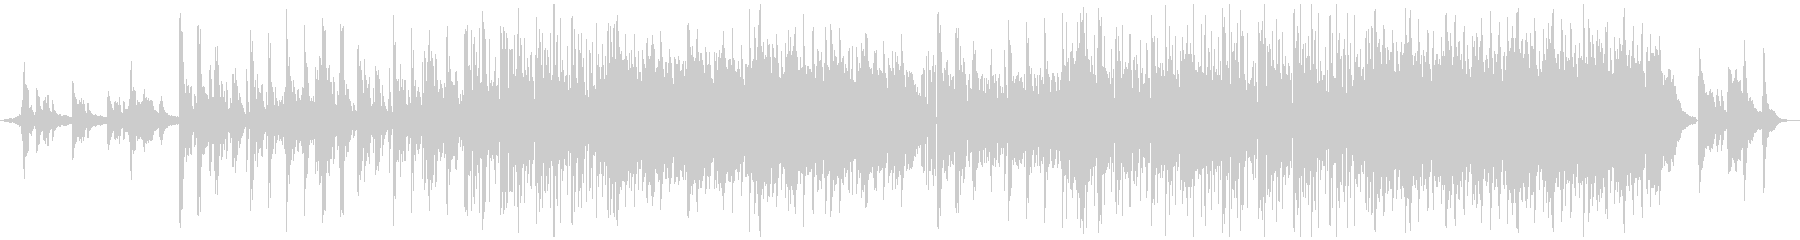 【深海】をイメージしたピアノの旋律の未再生の波形